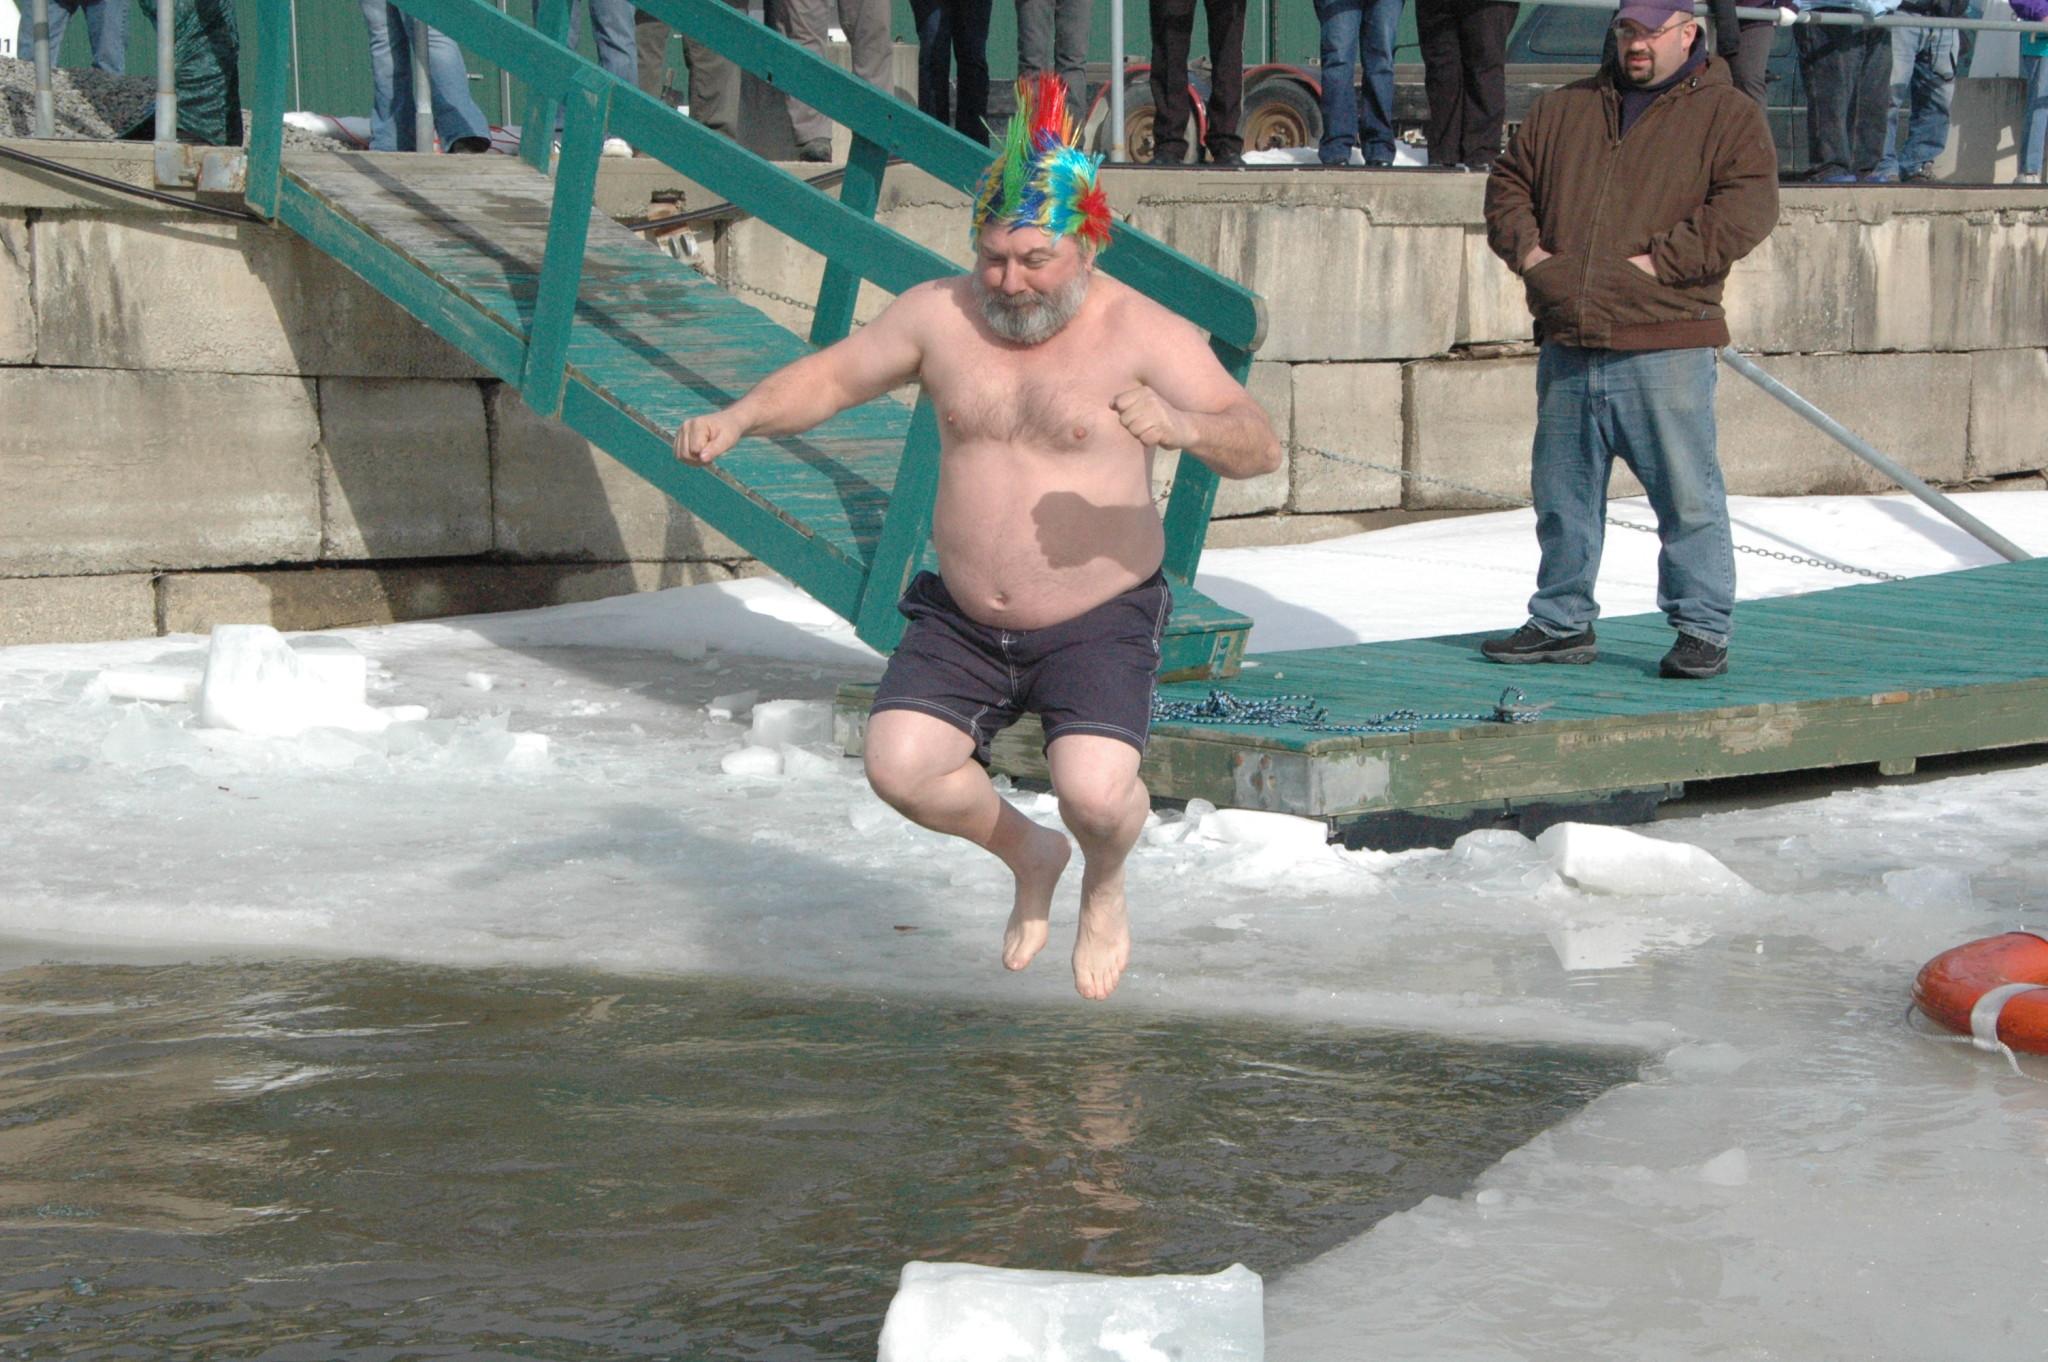 Crowds enjoy annual Winter Festival